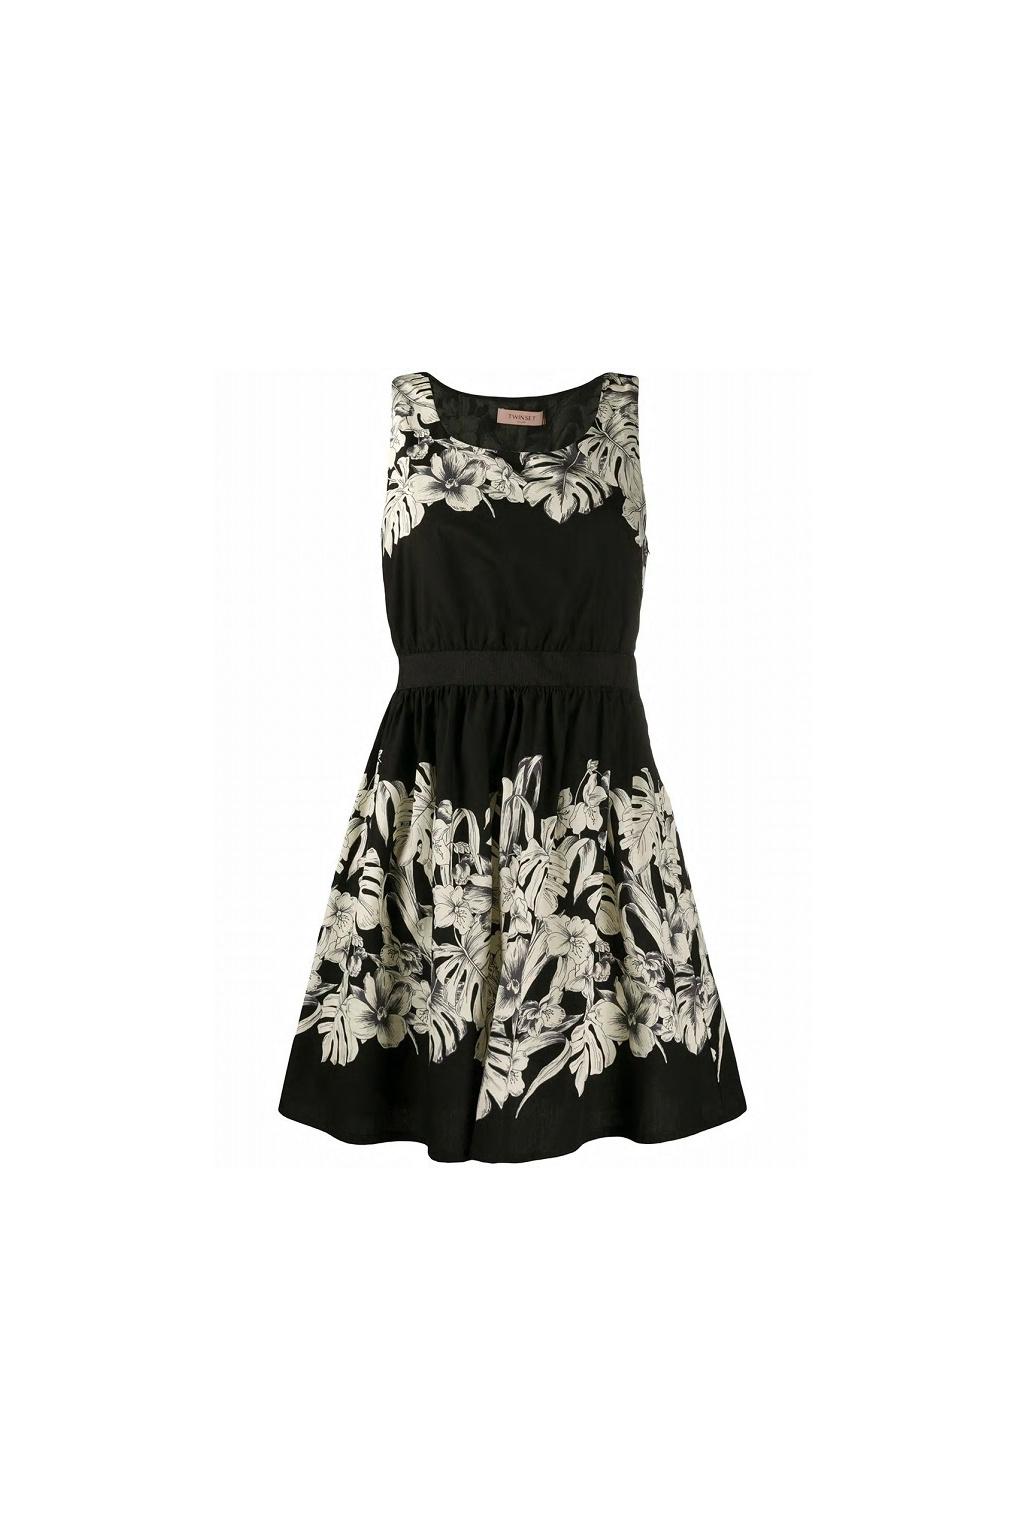 201TT2312 Dámské šaty Twinset černé